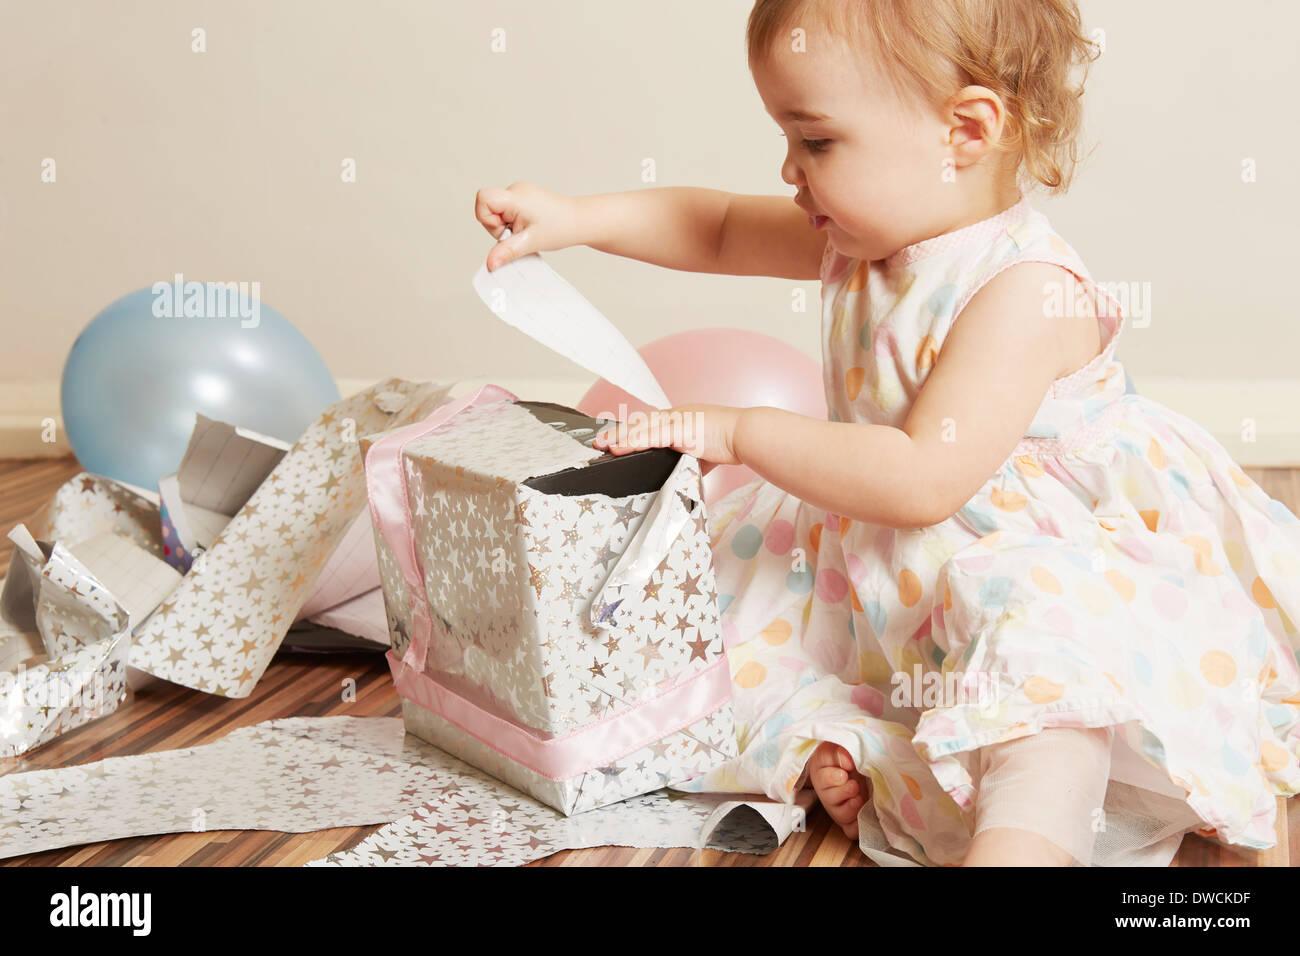 Kleinkind Mädchen Eröffnung Geburtstagsgeschenk Stockbild